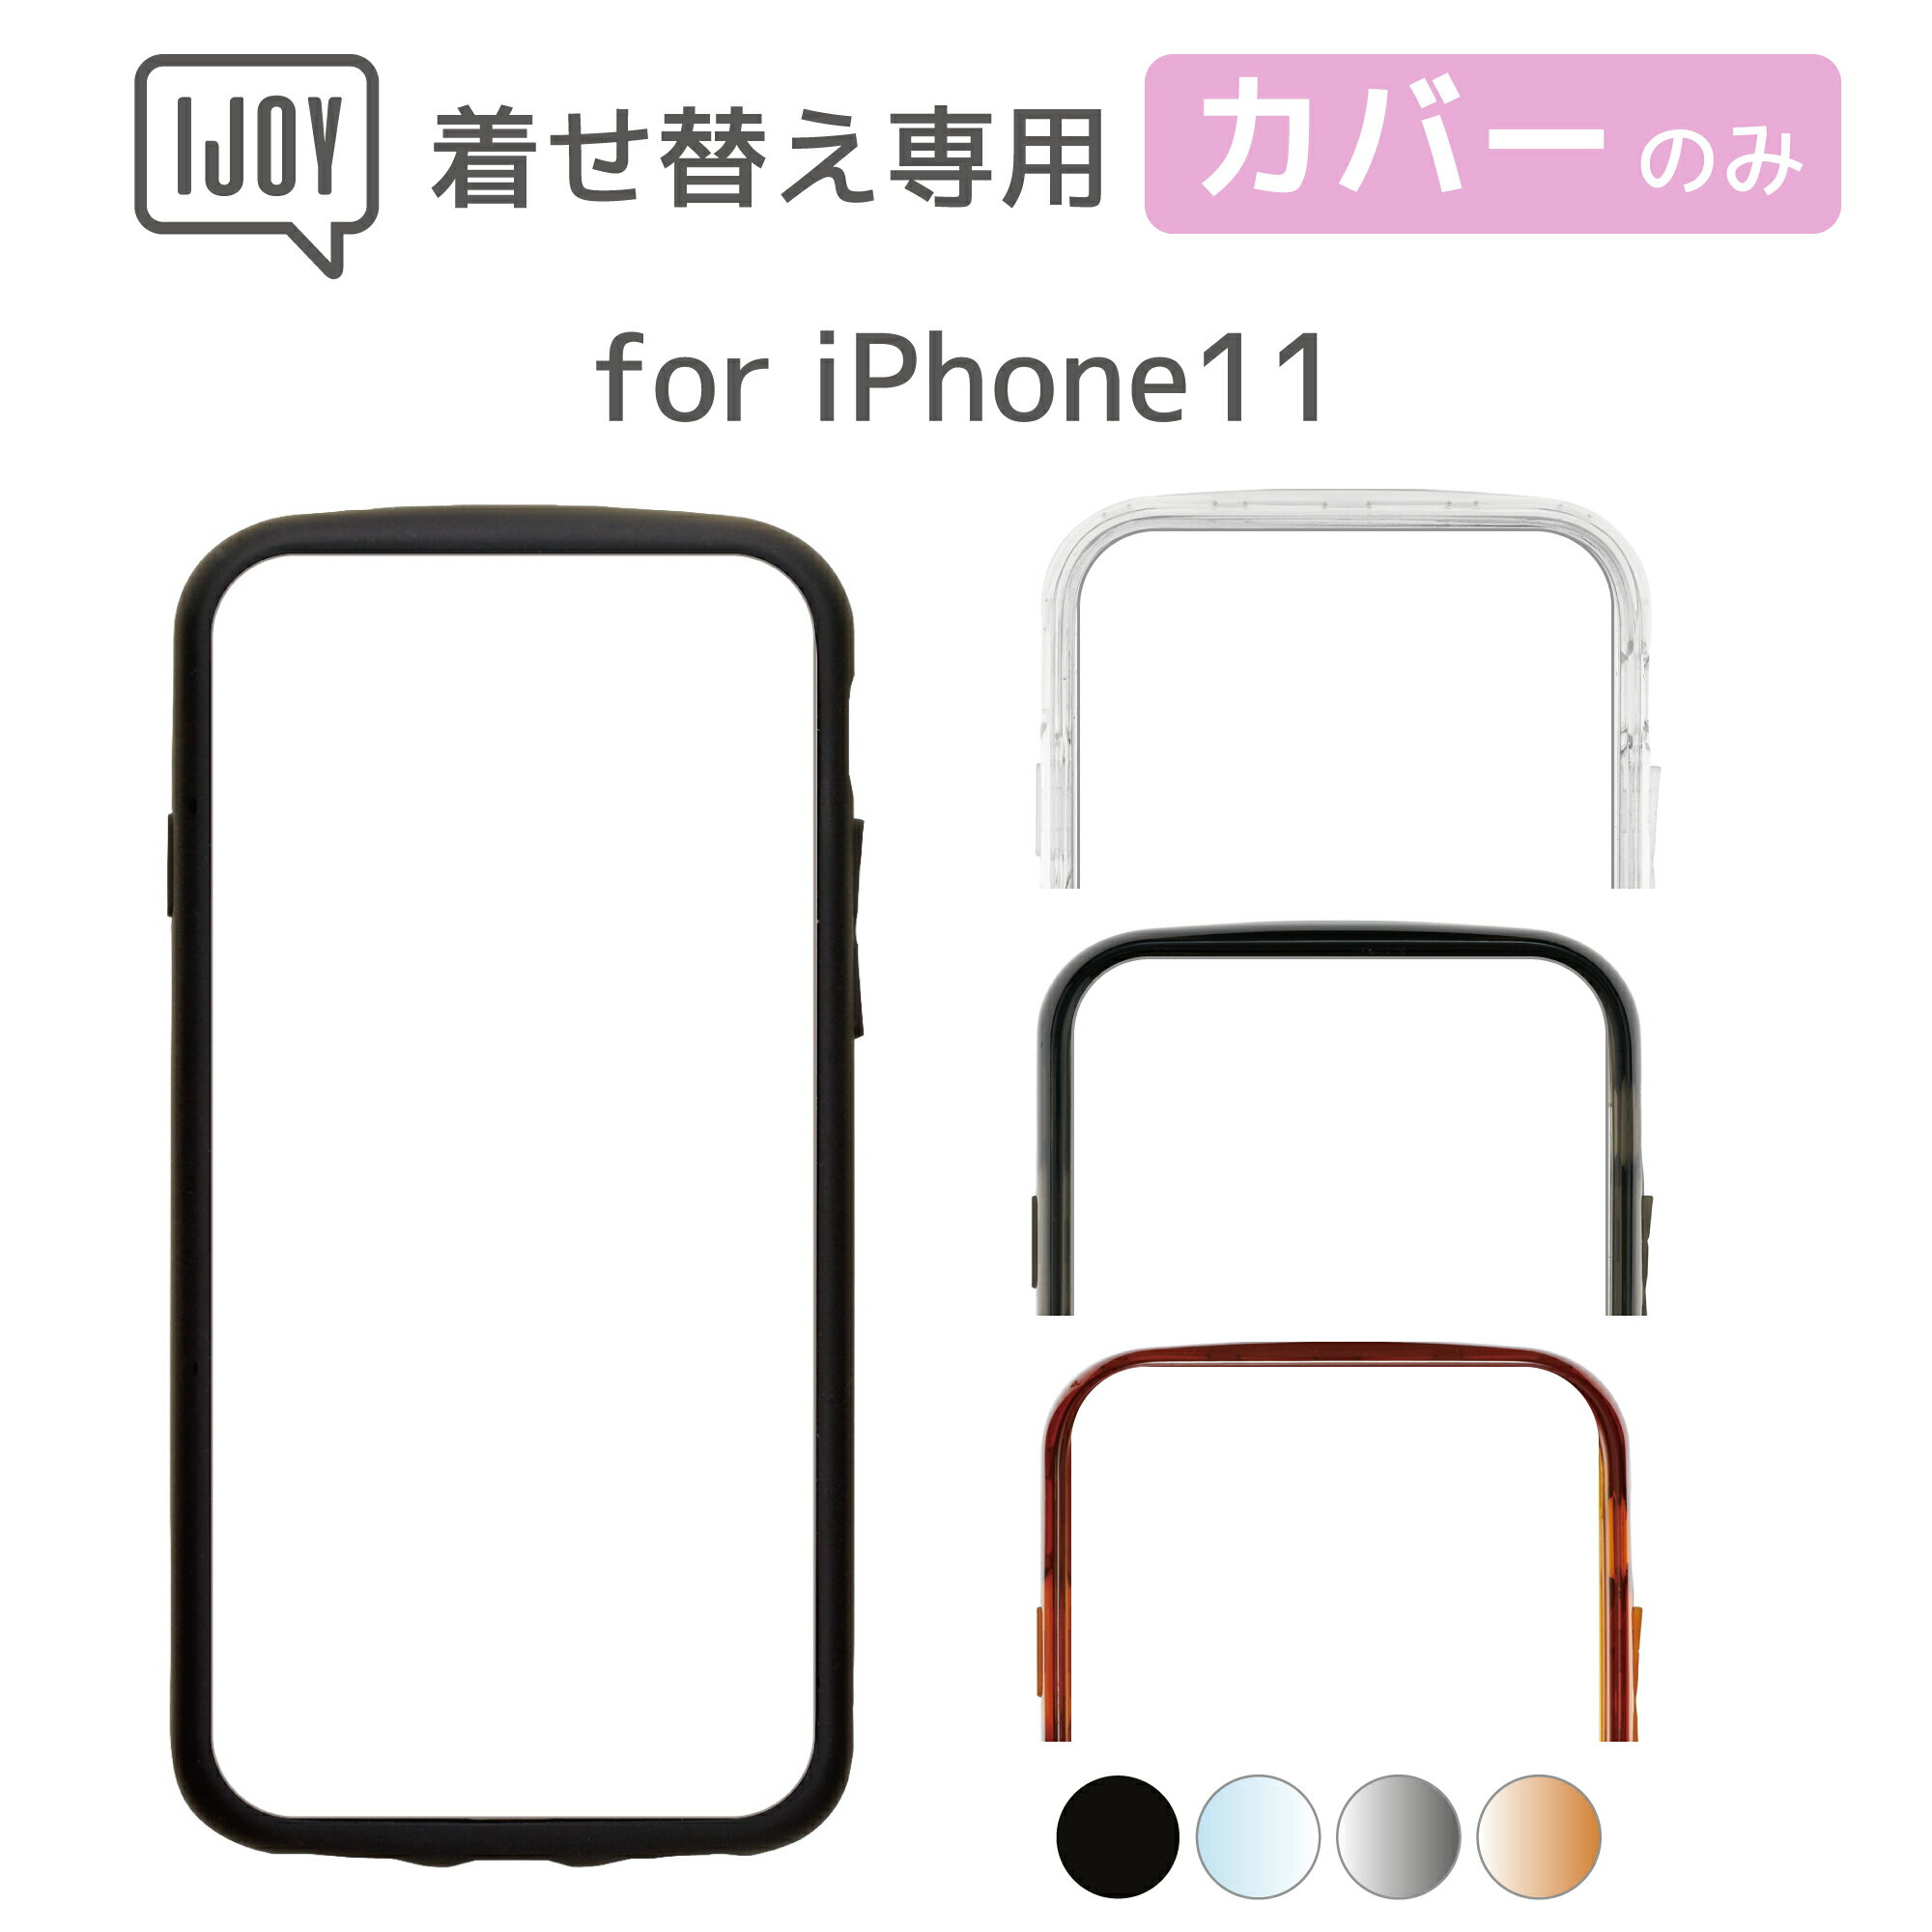 スマートフォン・携帯電話アクセサリー, ケース・カバー iPhone11 IJOY